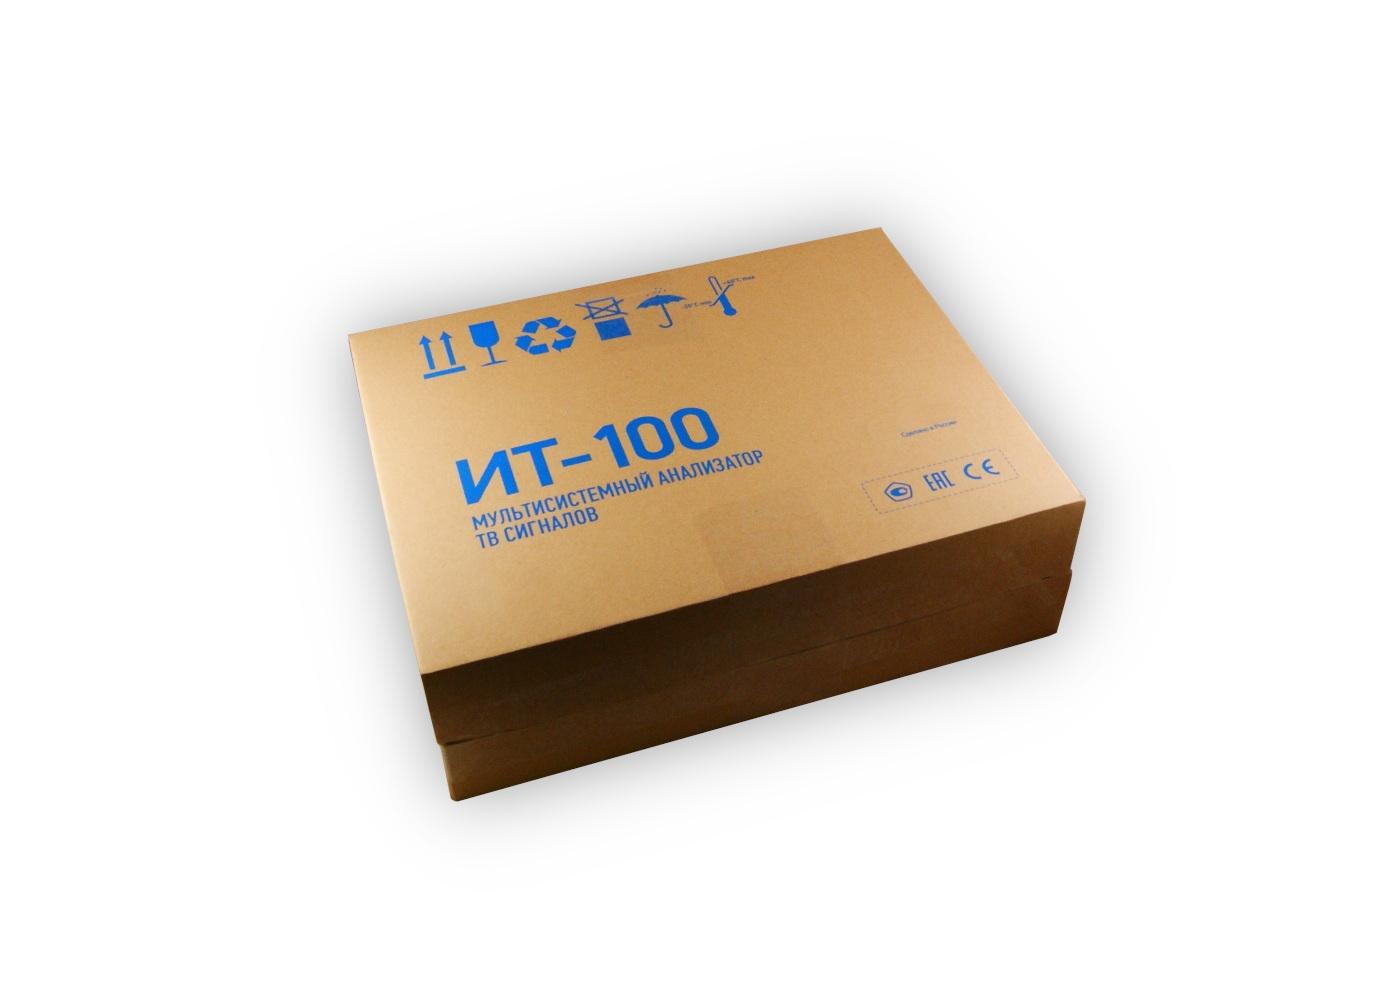 Упаковка для ИТ-100